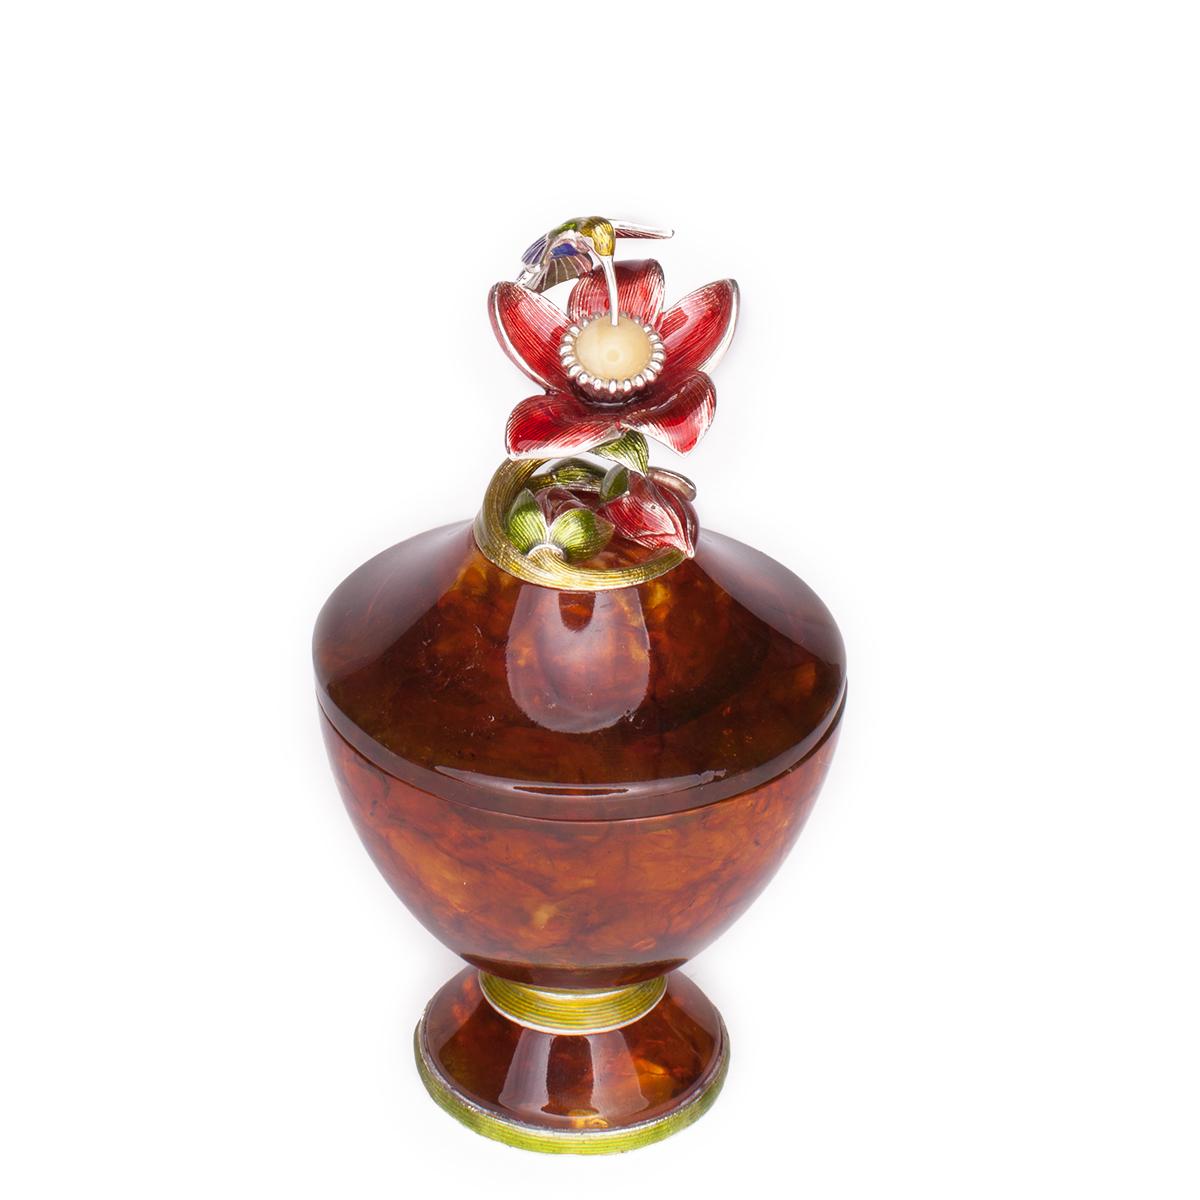 Шкатулочка из янтаря «Колибри» высокая